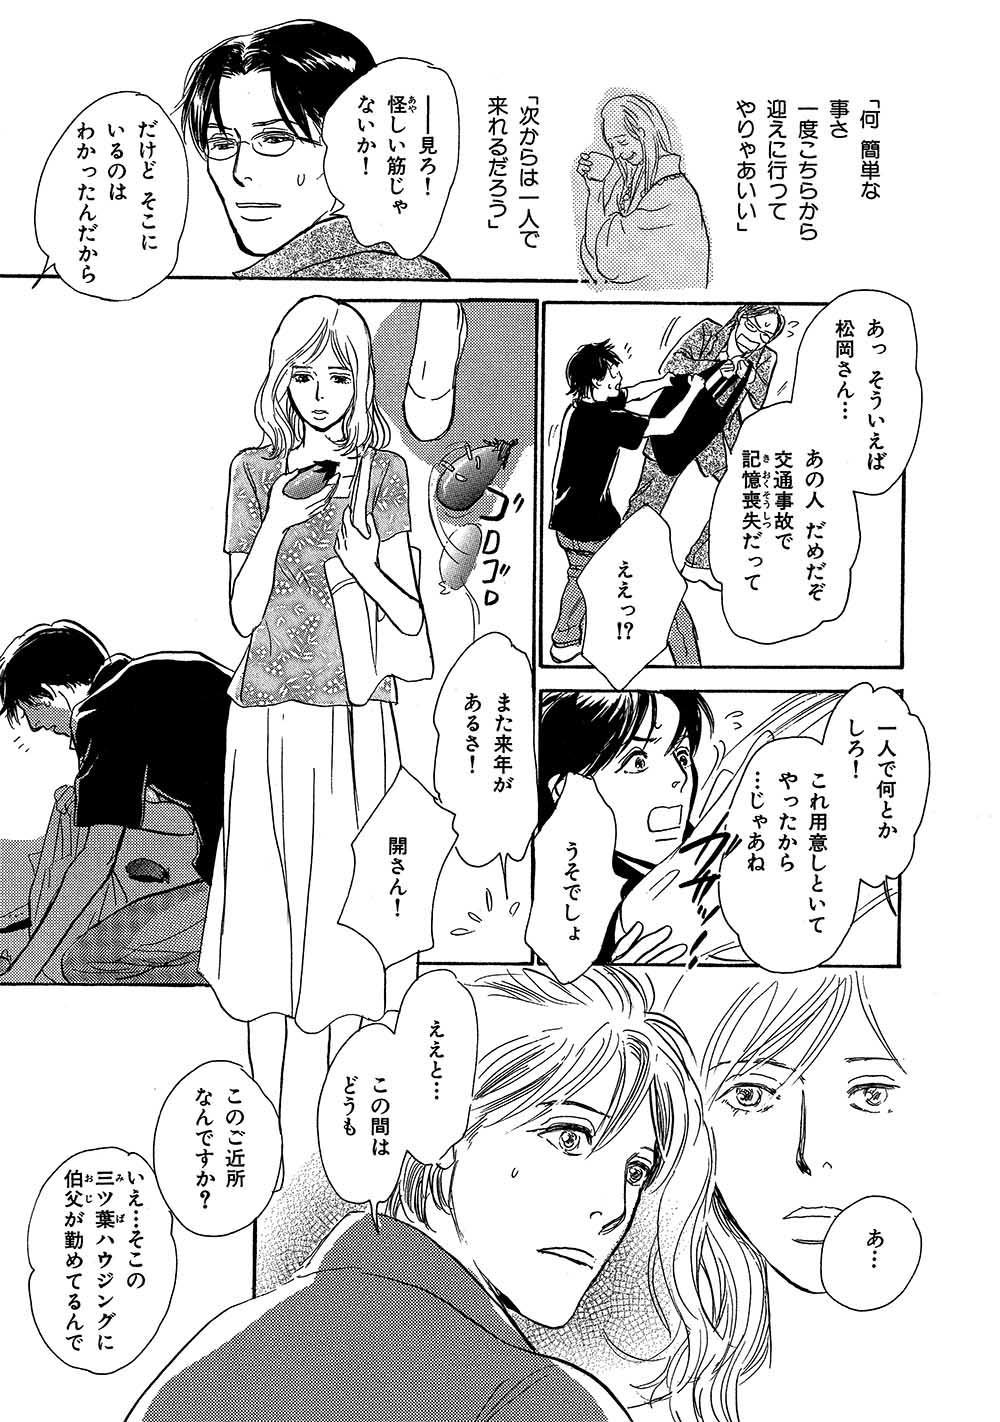 hyakki_0016_0087.jpg